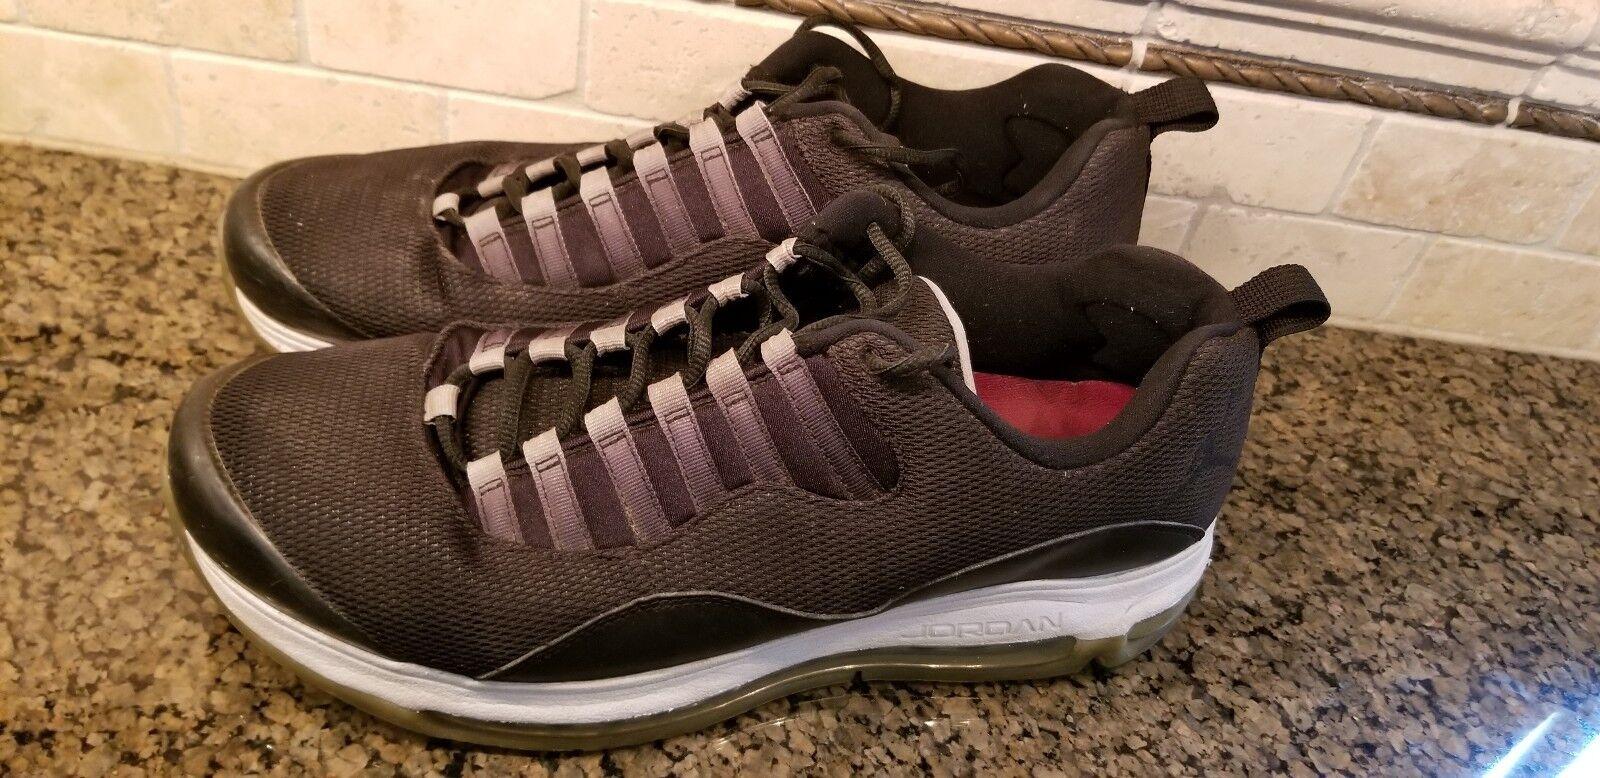 MENS NIKE AIR JORDAN (Air Max) CFMT shoes Size 12 Clean Nice 442087- 001